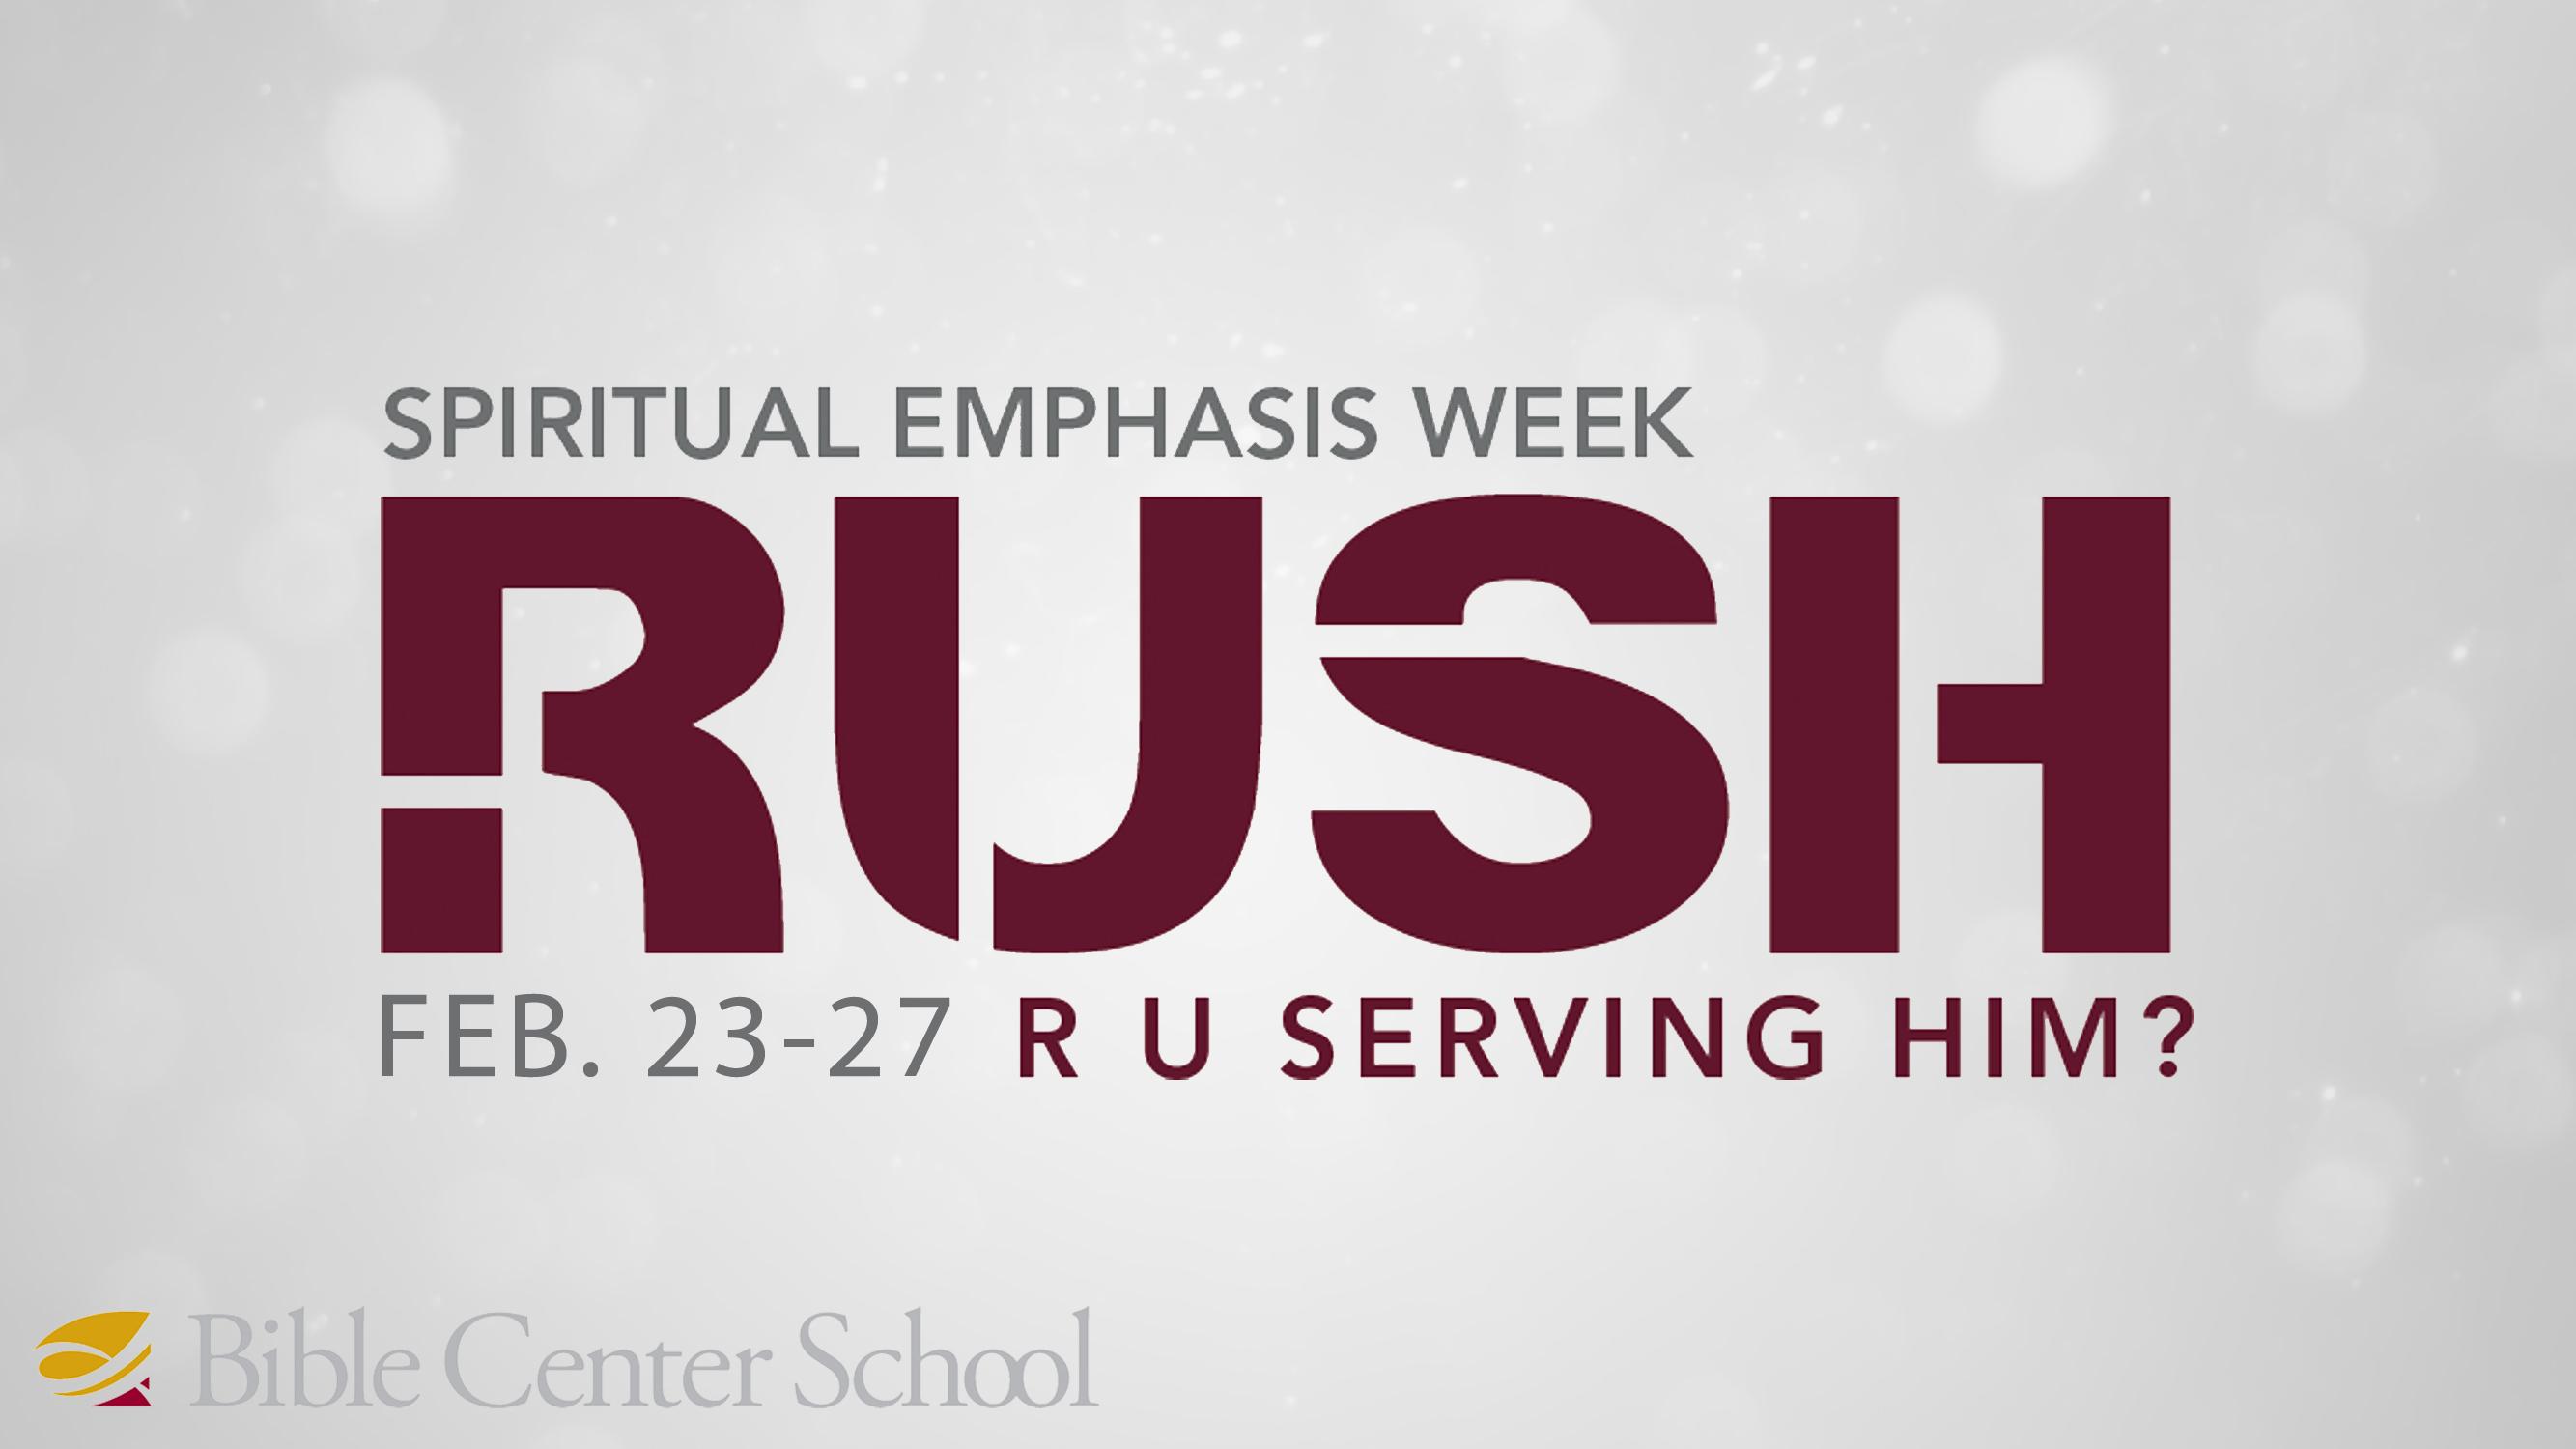 Spiritual Emphasis Week